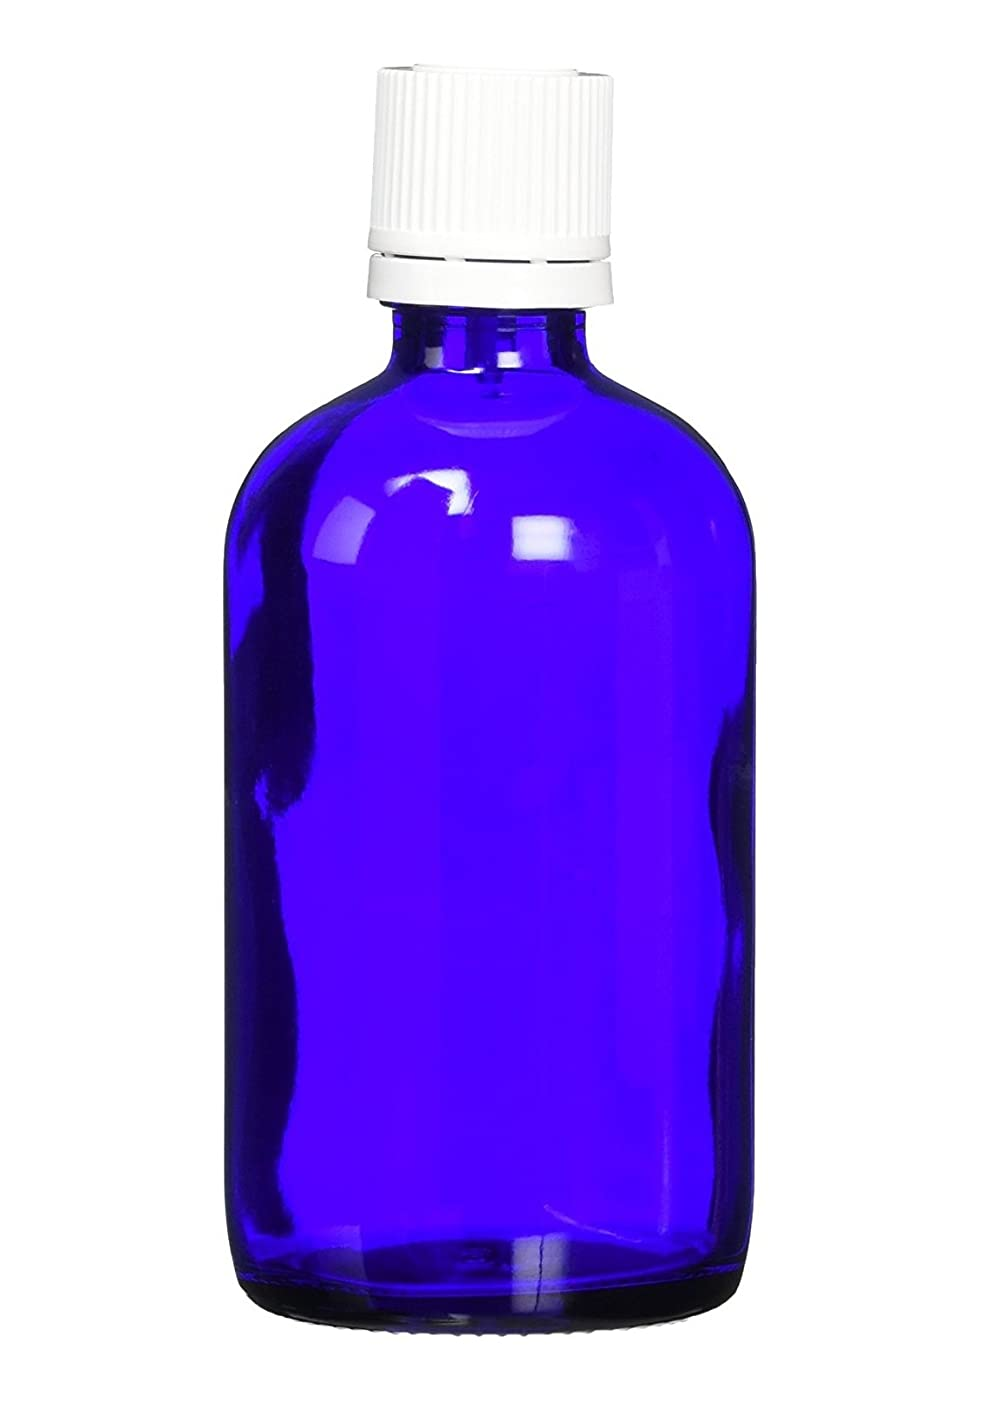 ぶら下がる受け取るアンタゴニストease 遮光ビン ブルー (高粘度用) 100ml(国産)